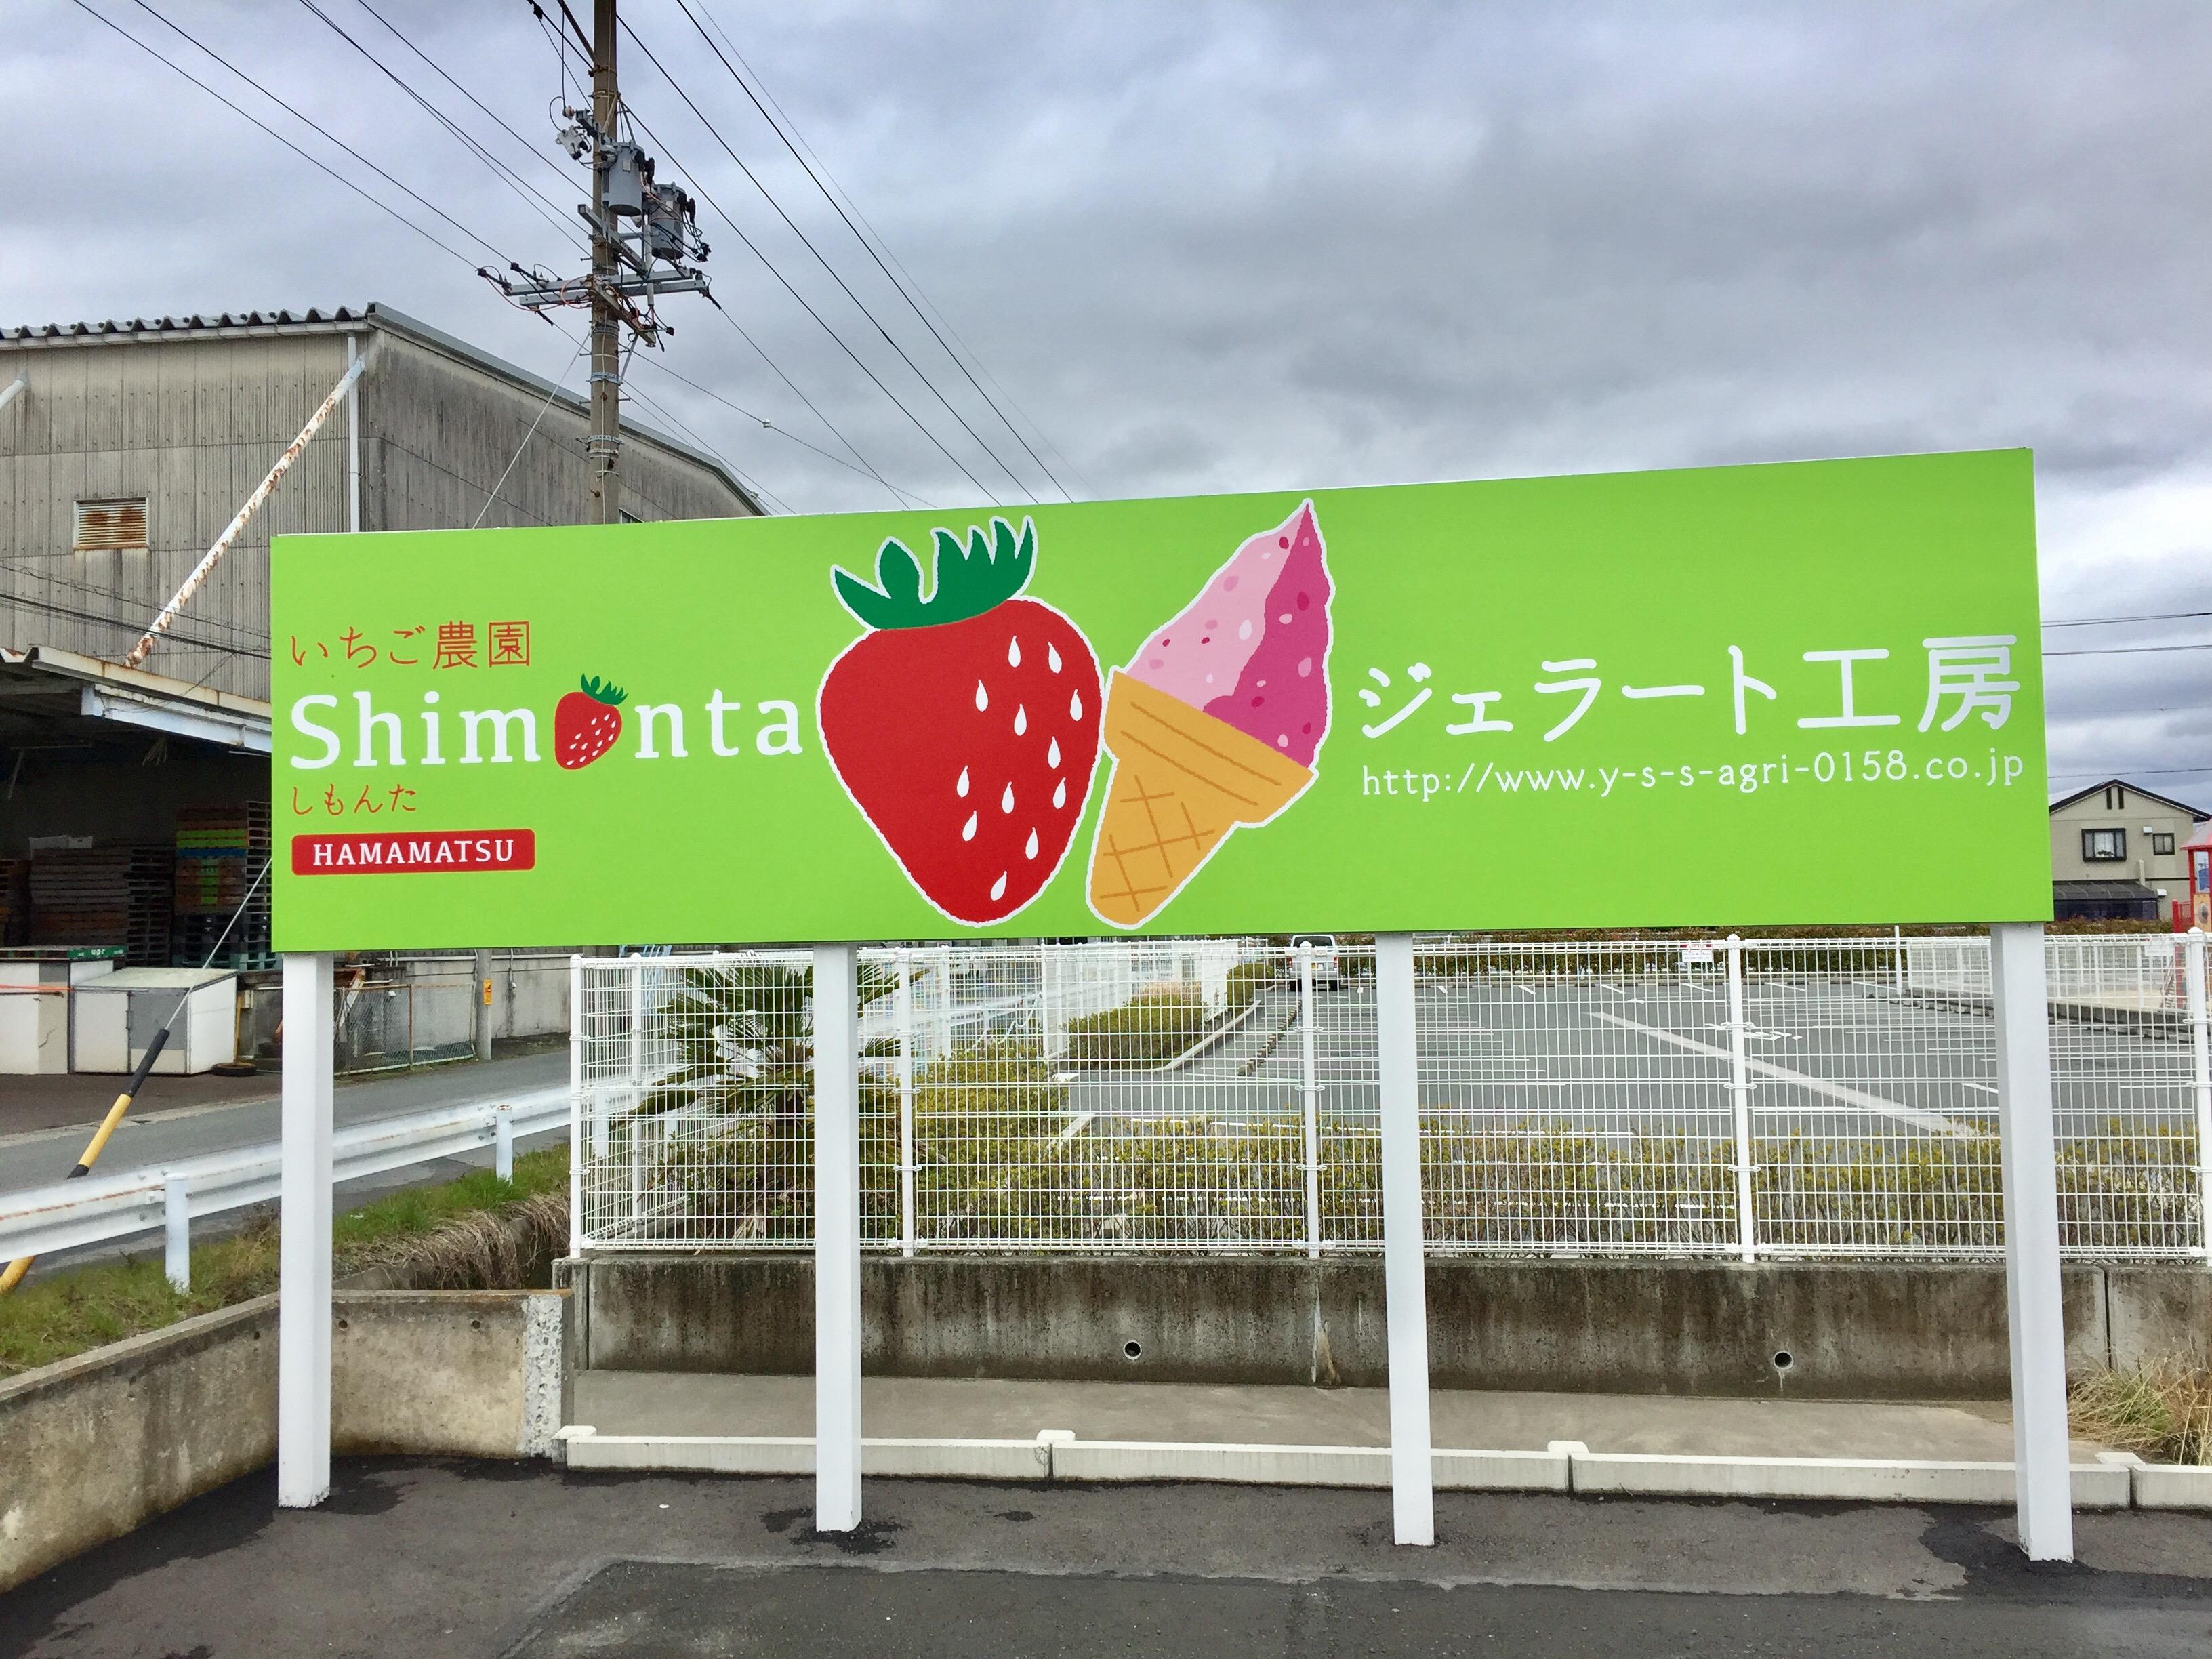 浜松 いちご農園 いちご狩り shimonta シモンタ